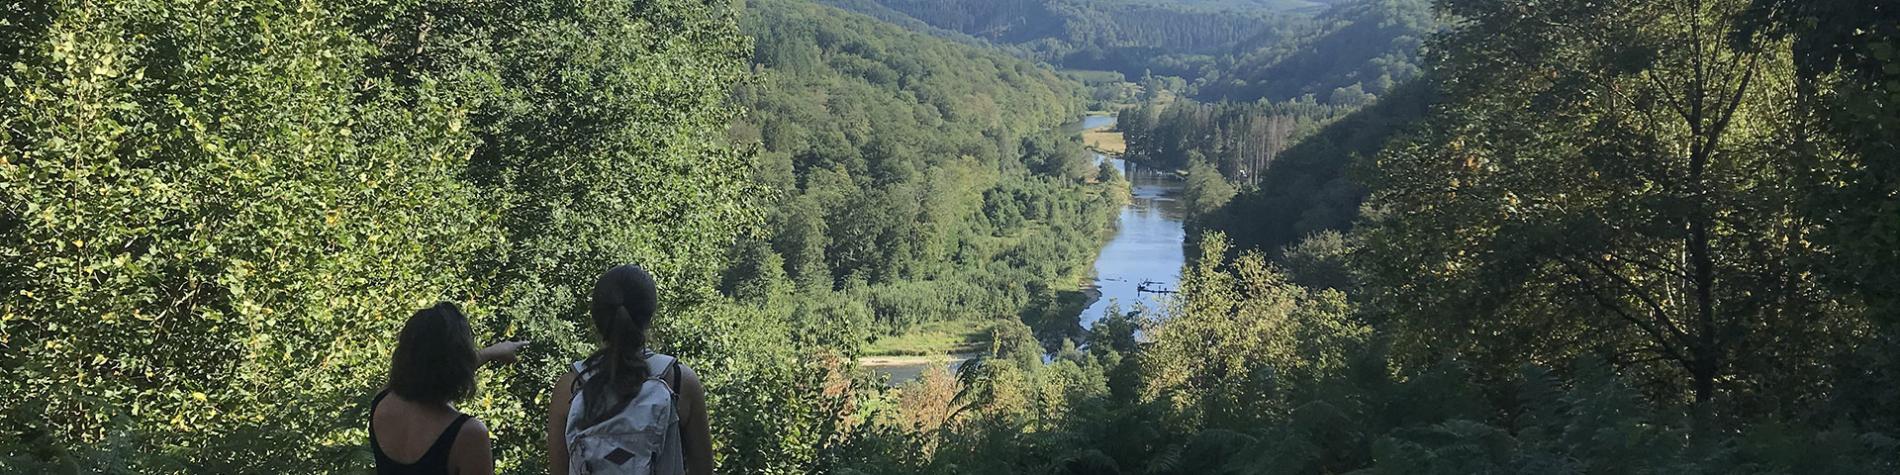 Parc naturel de l'Ardenne méridionale - Mont Zatrou